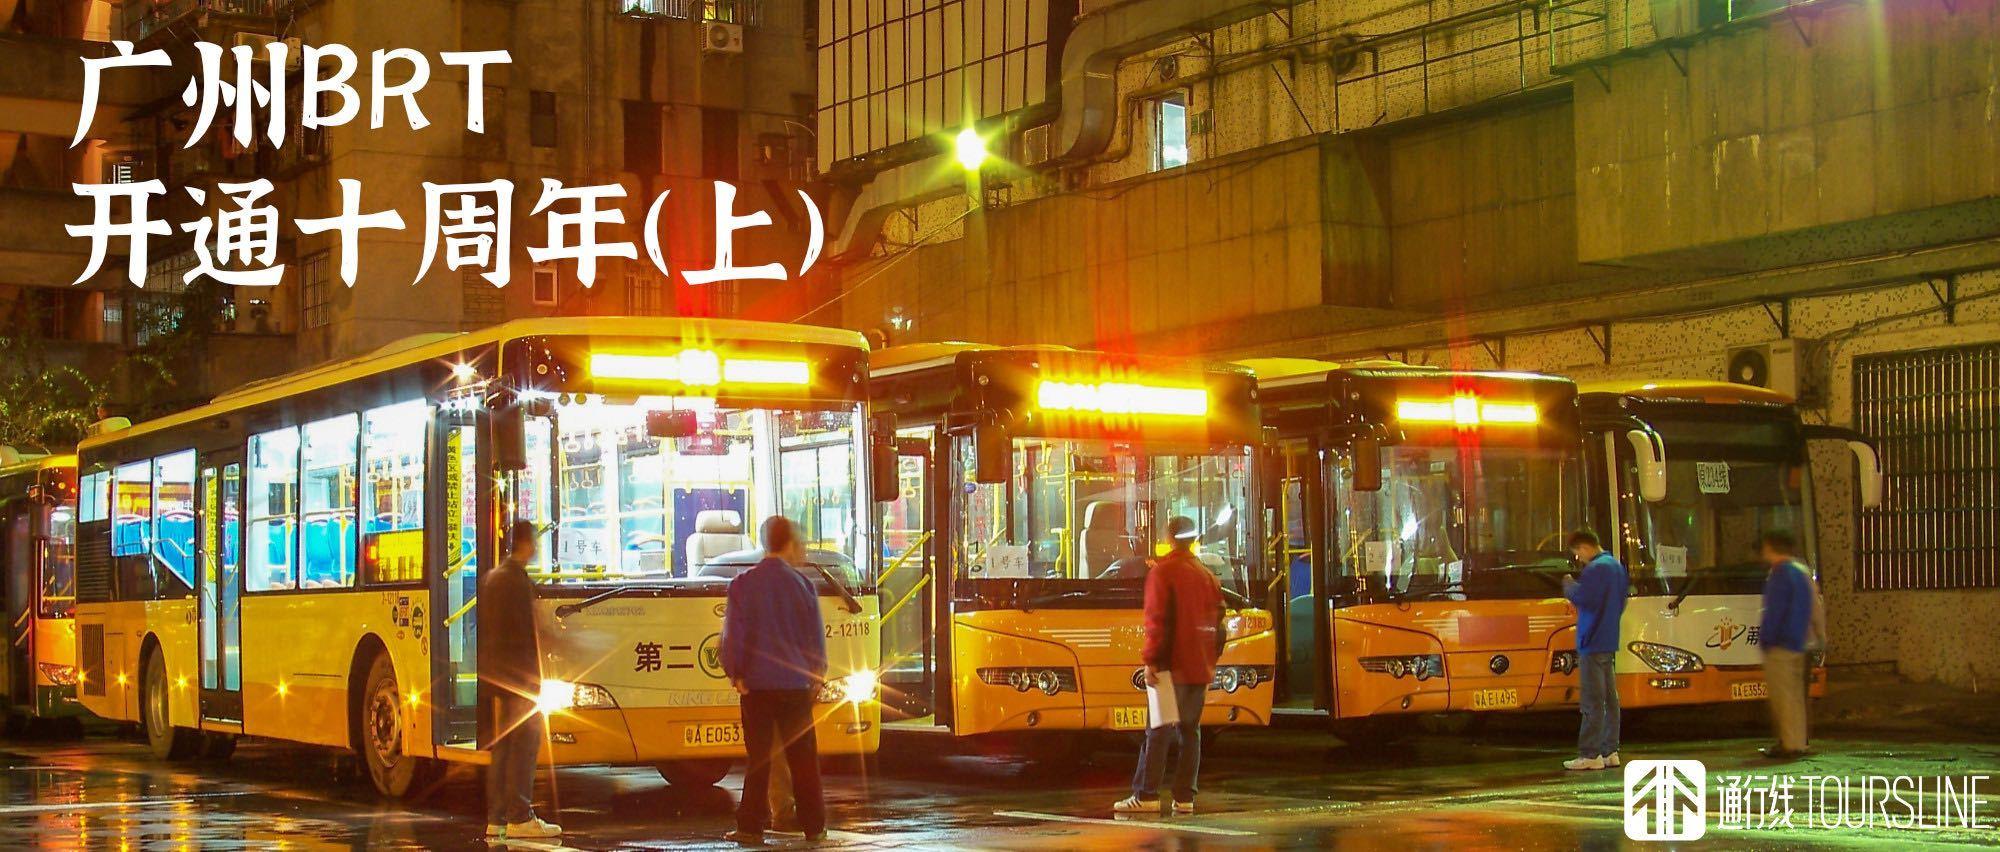 昨日之功臣,明日之黄花?——广州快速公交GBRT十年记(上)